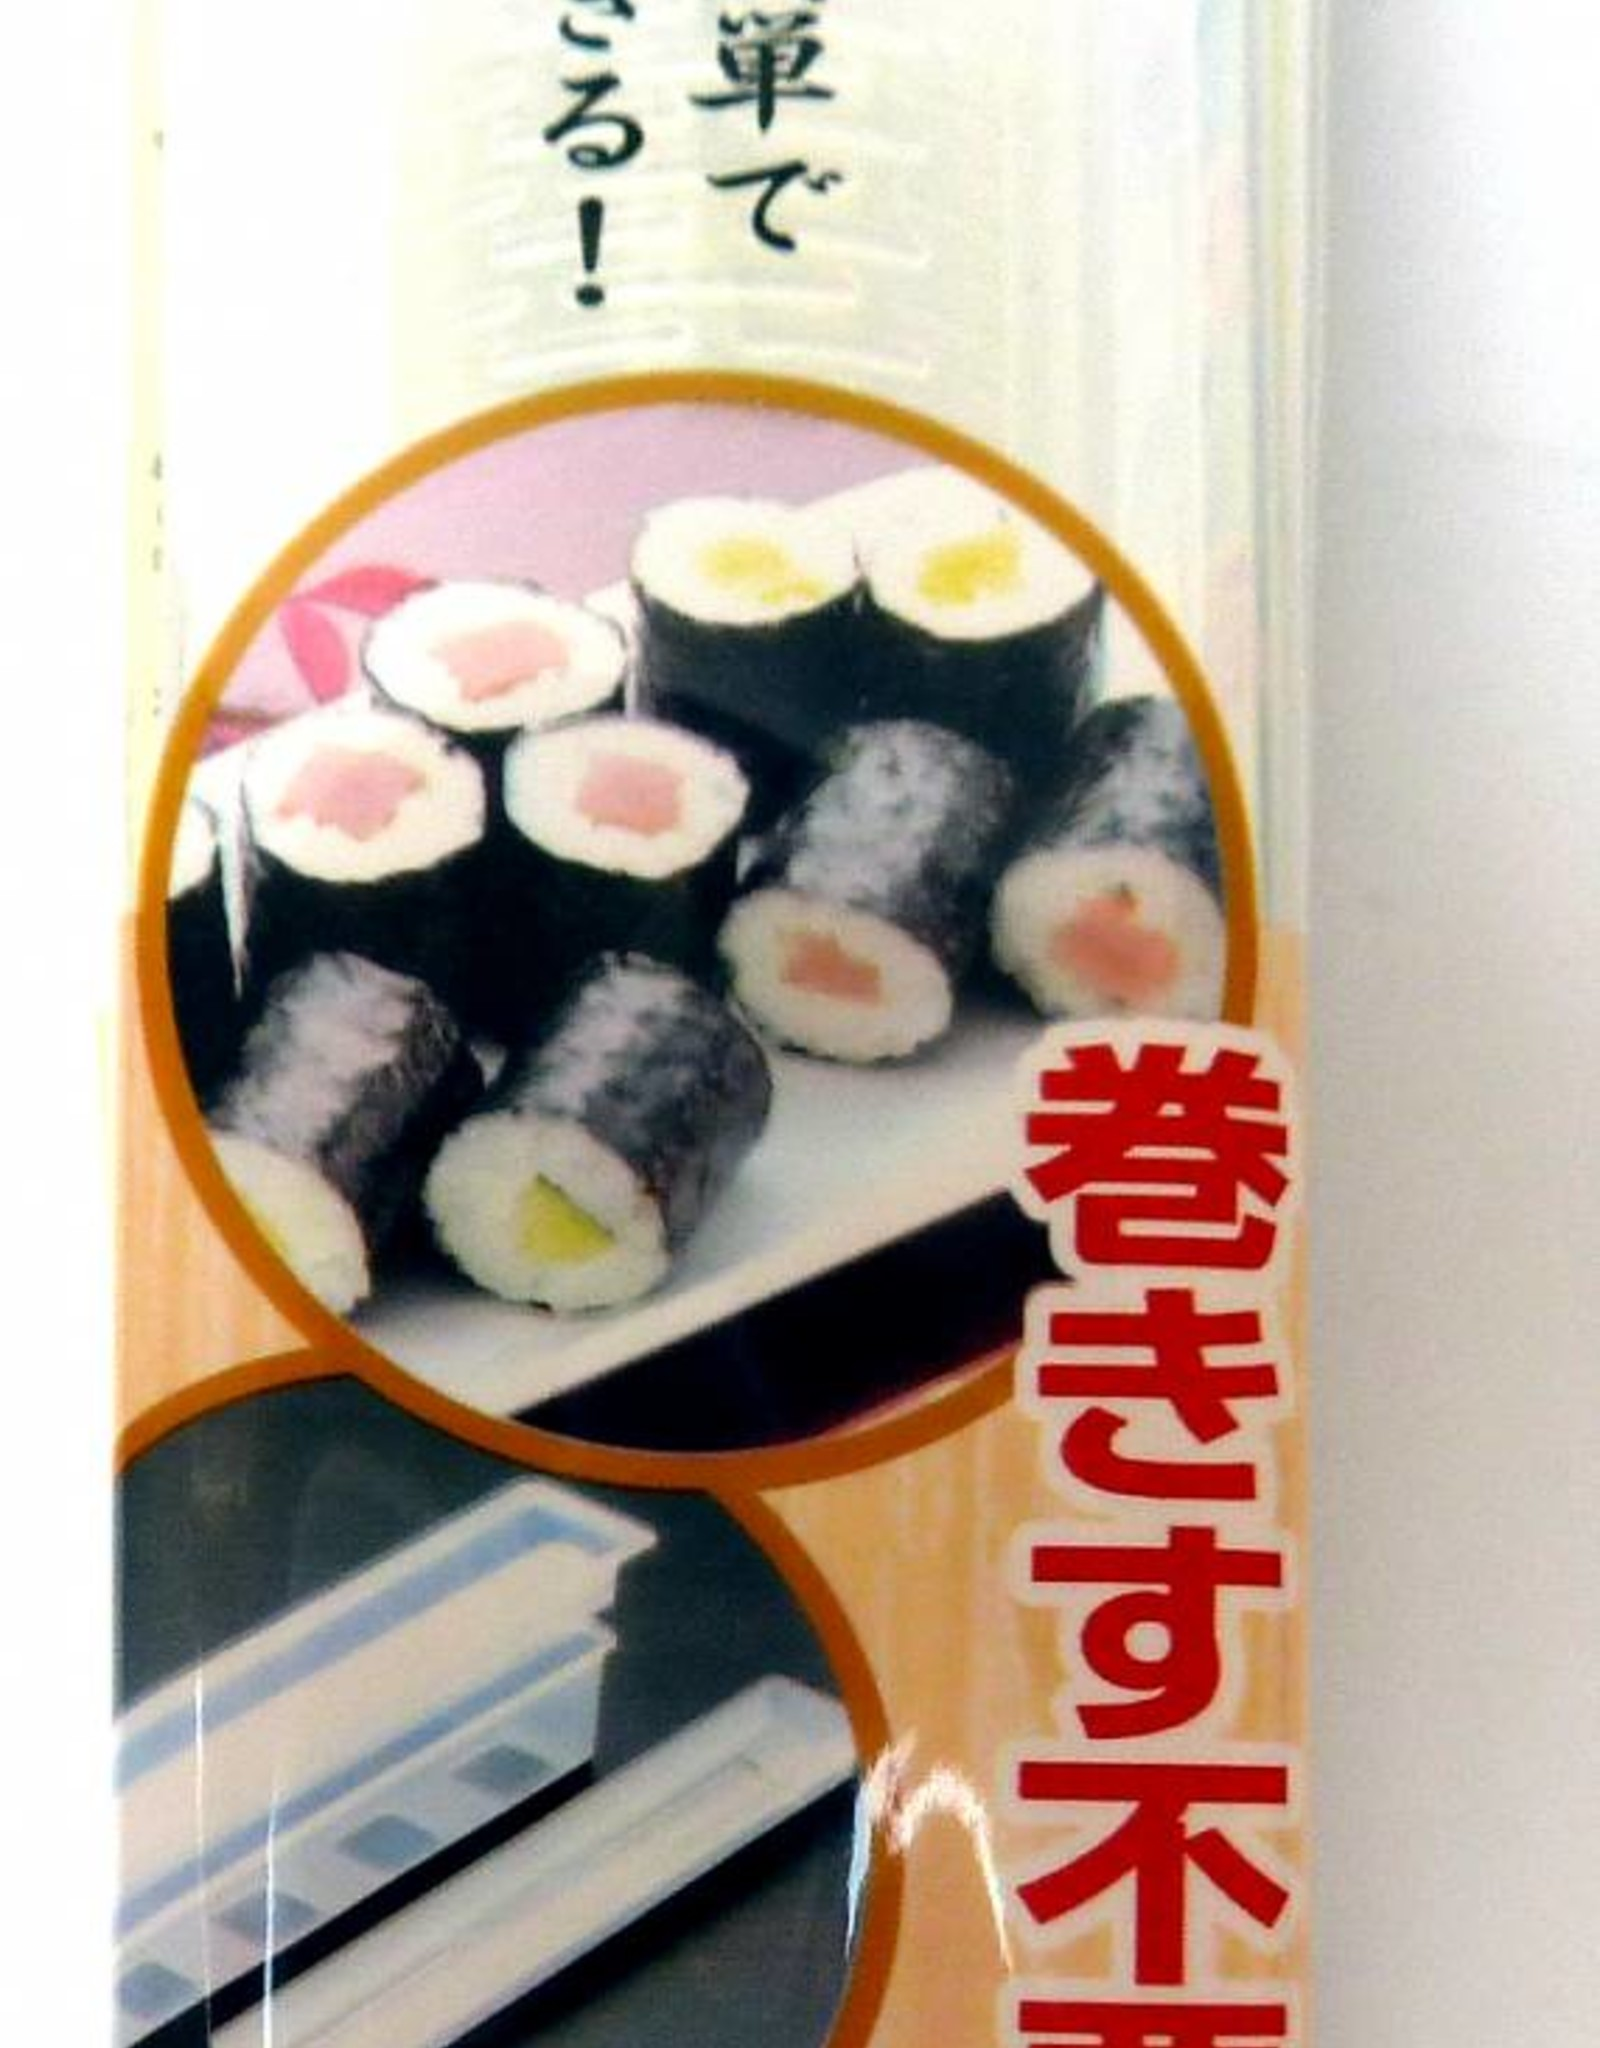 Tokyo Design Studio Hosomaki shape (thin sushi roll)